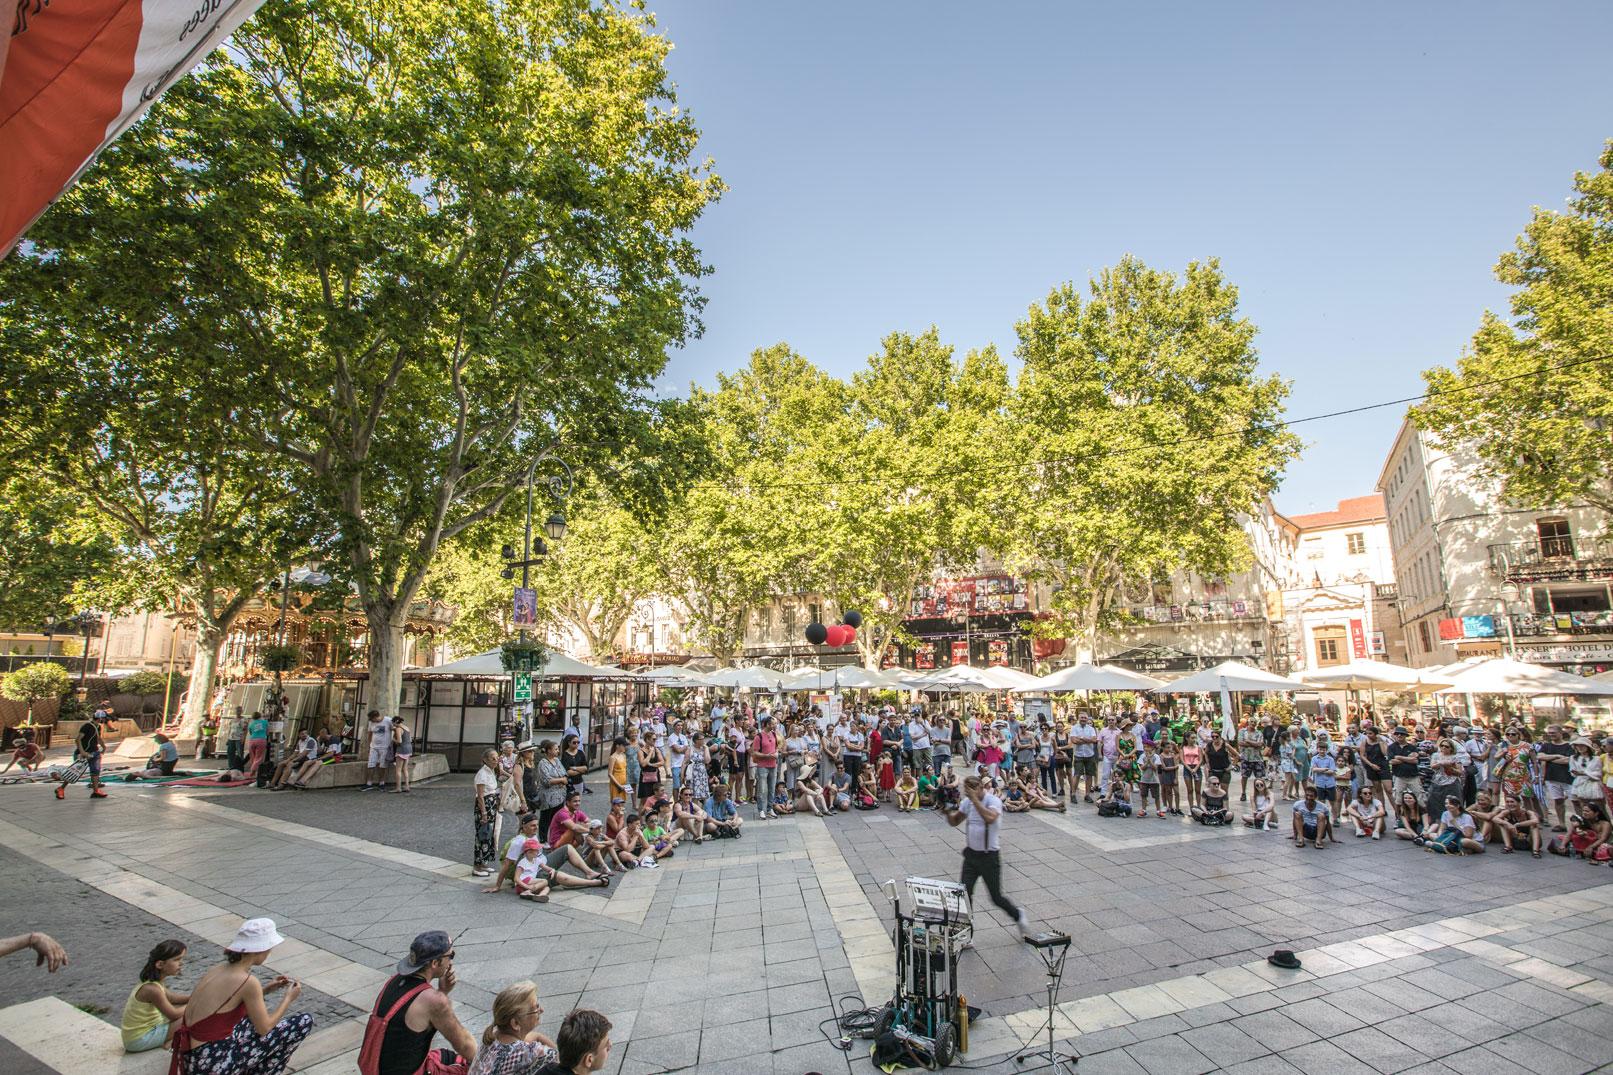 Festivals in Vaucluse @ Kessler